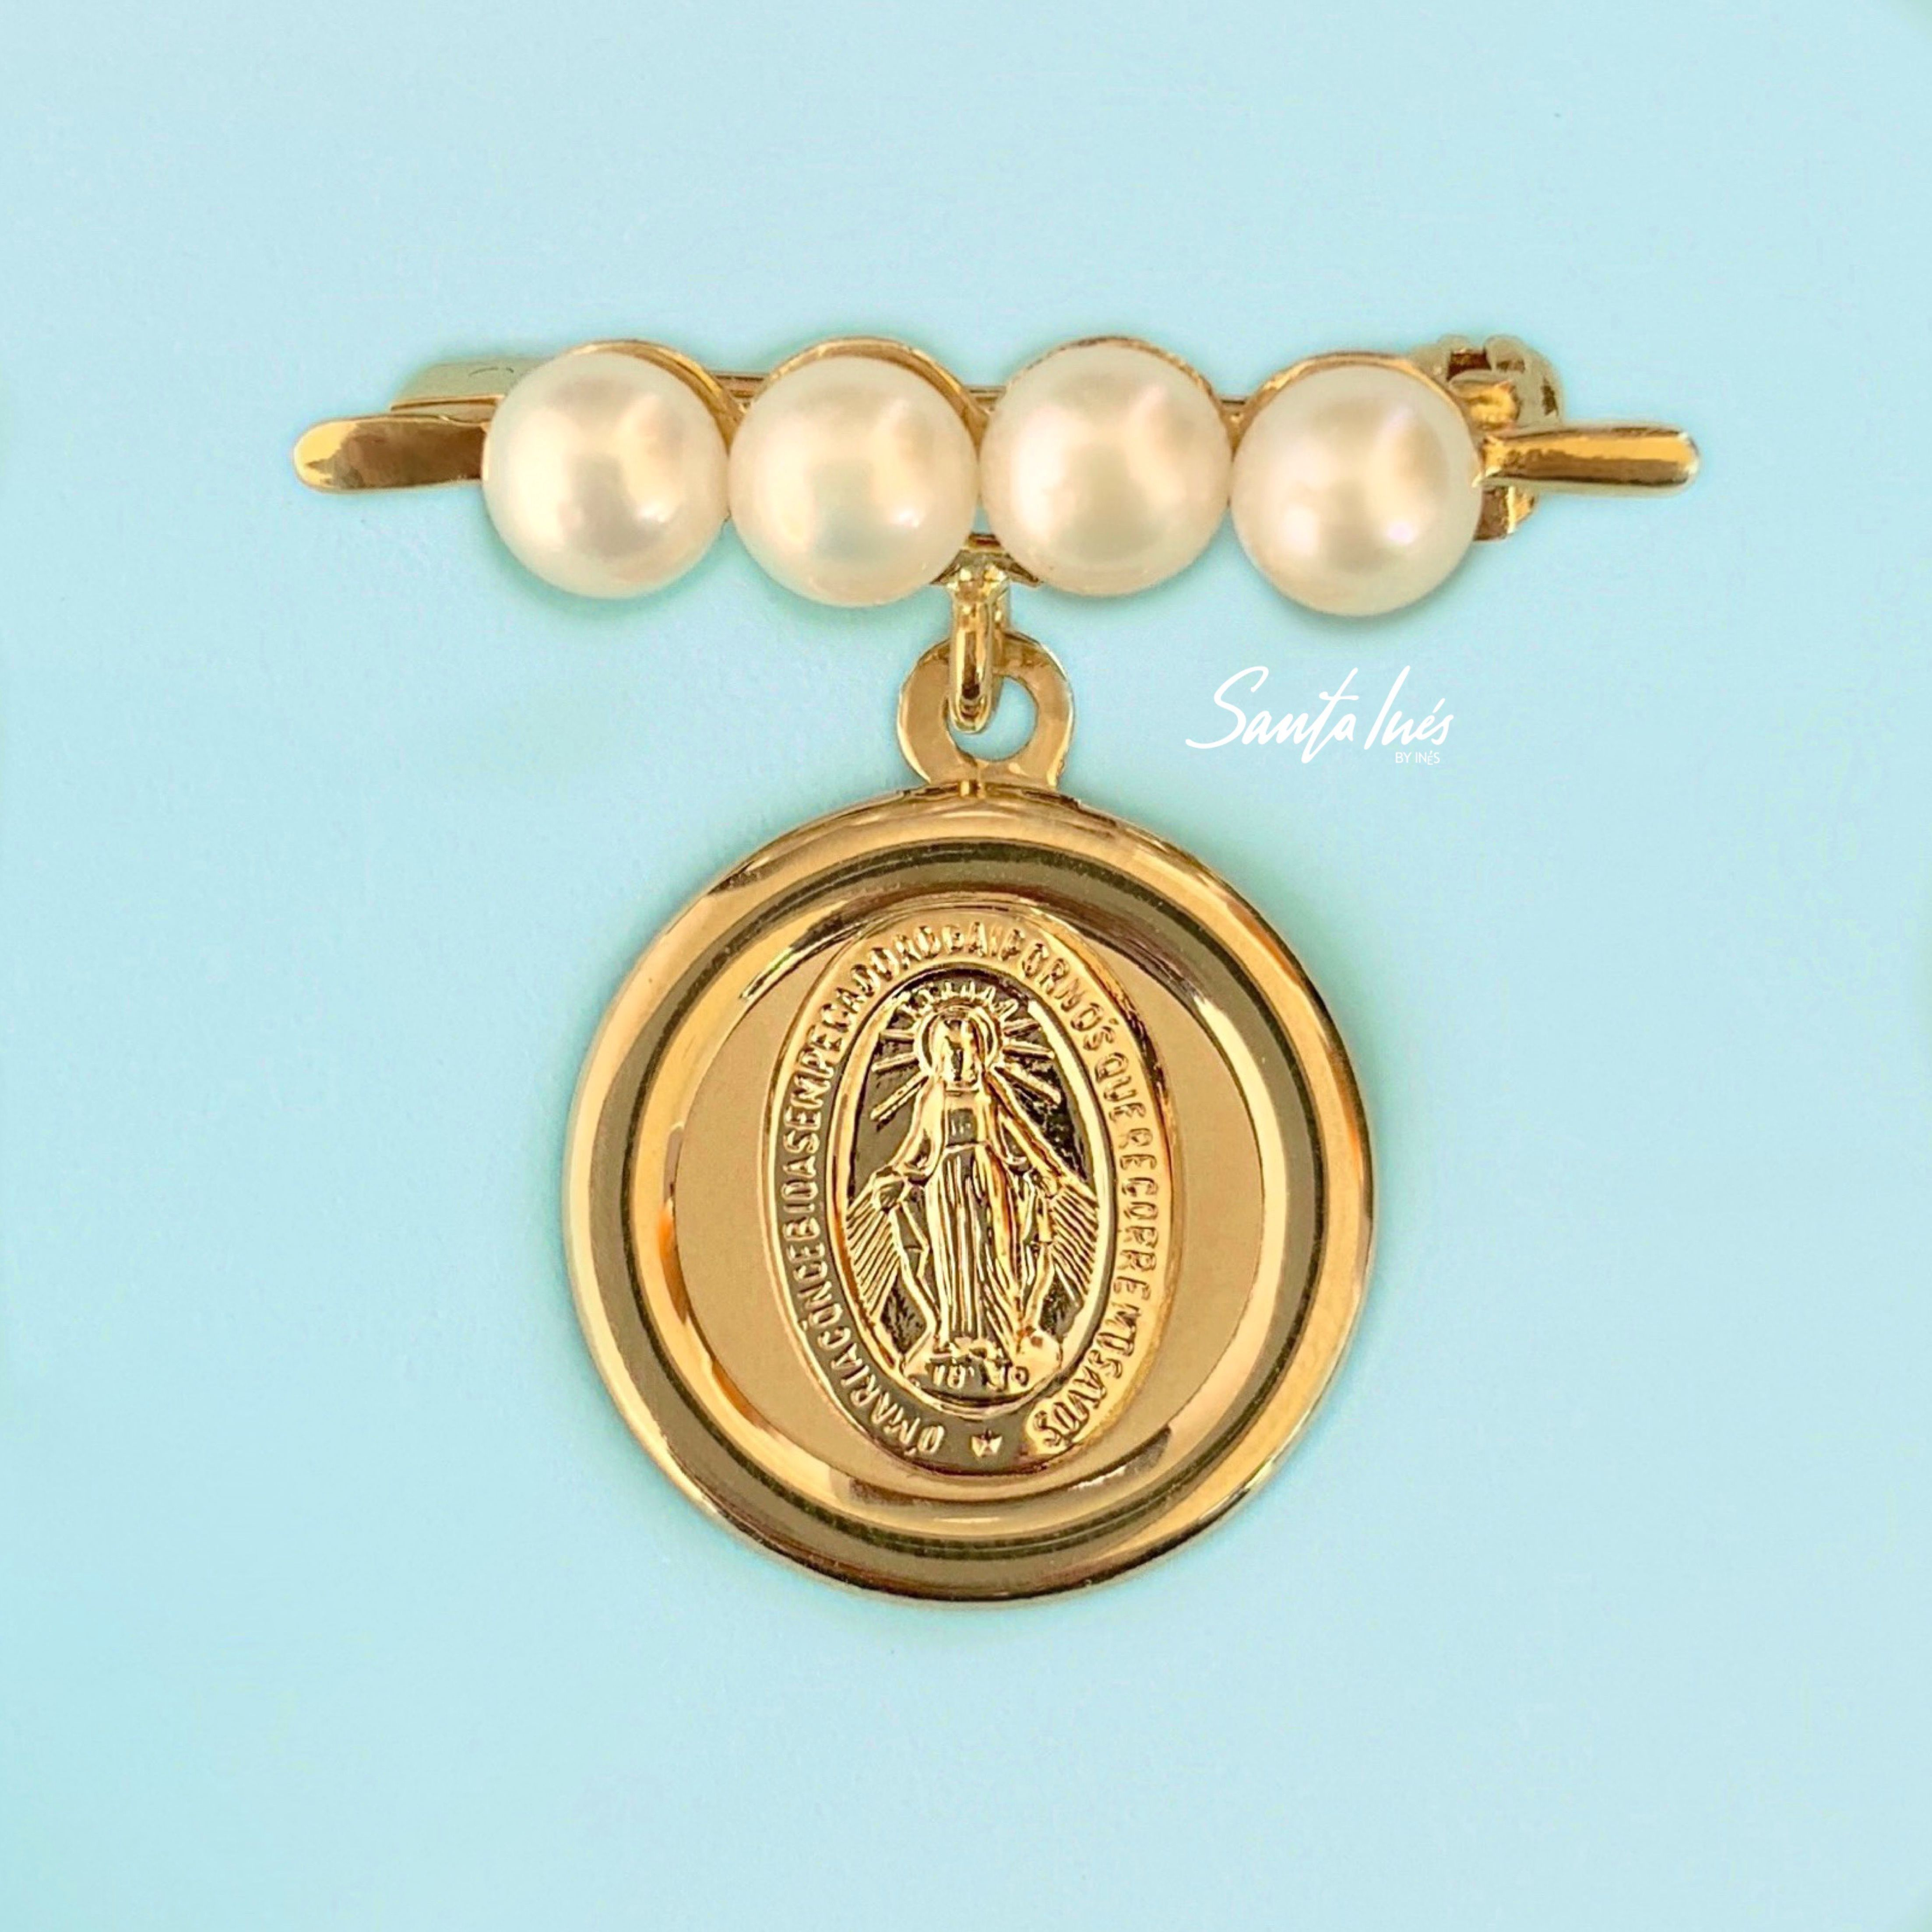 cef6cd28f8b0 Medalla en oro 14k de la Virgen de Guadalupe con prendedor Instagram   santainesmx Informes al  +52 8180294384